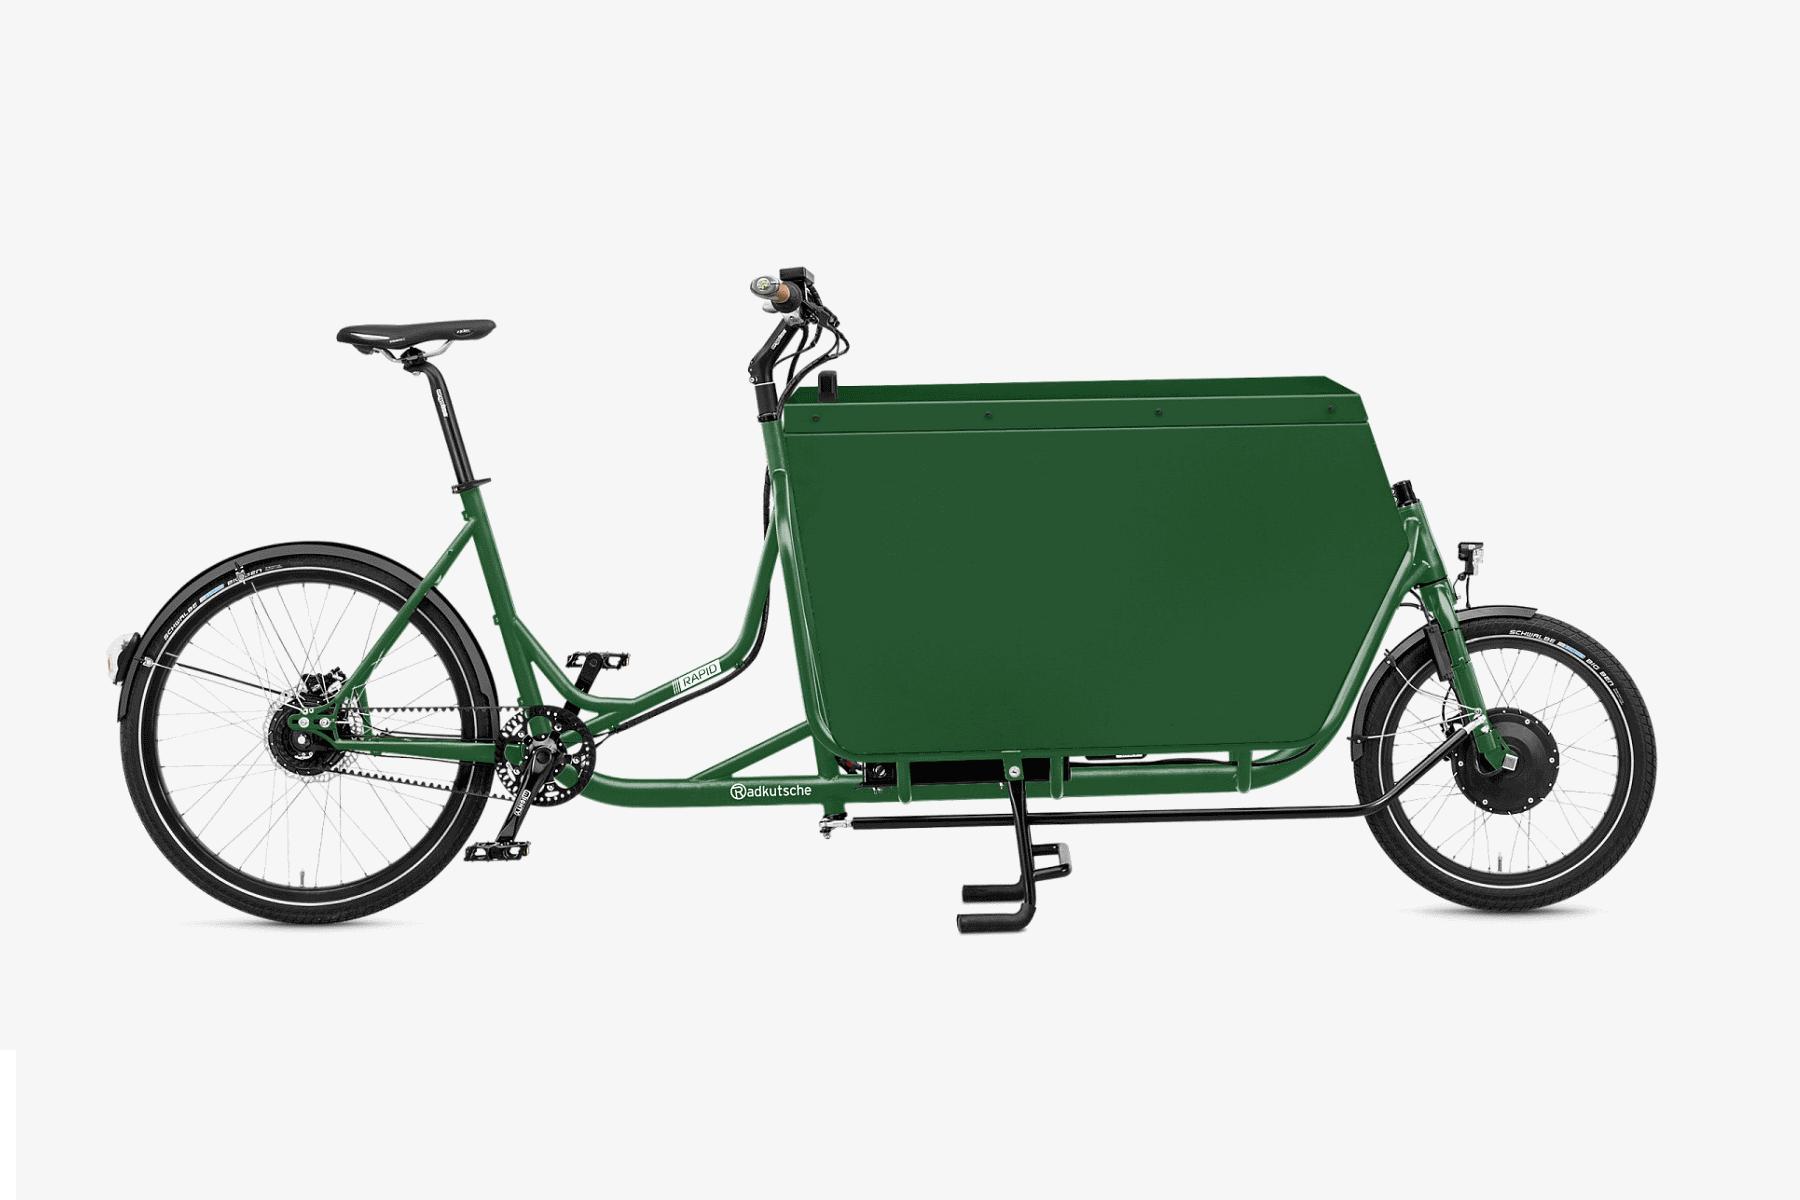 Messenger-Box mit grüner Sonderlackierung - Quelle: radkutsche.de